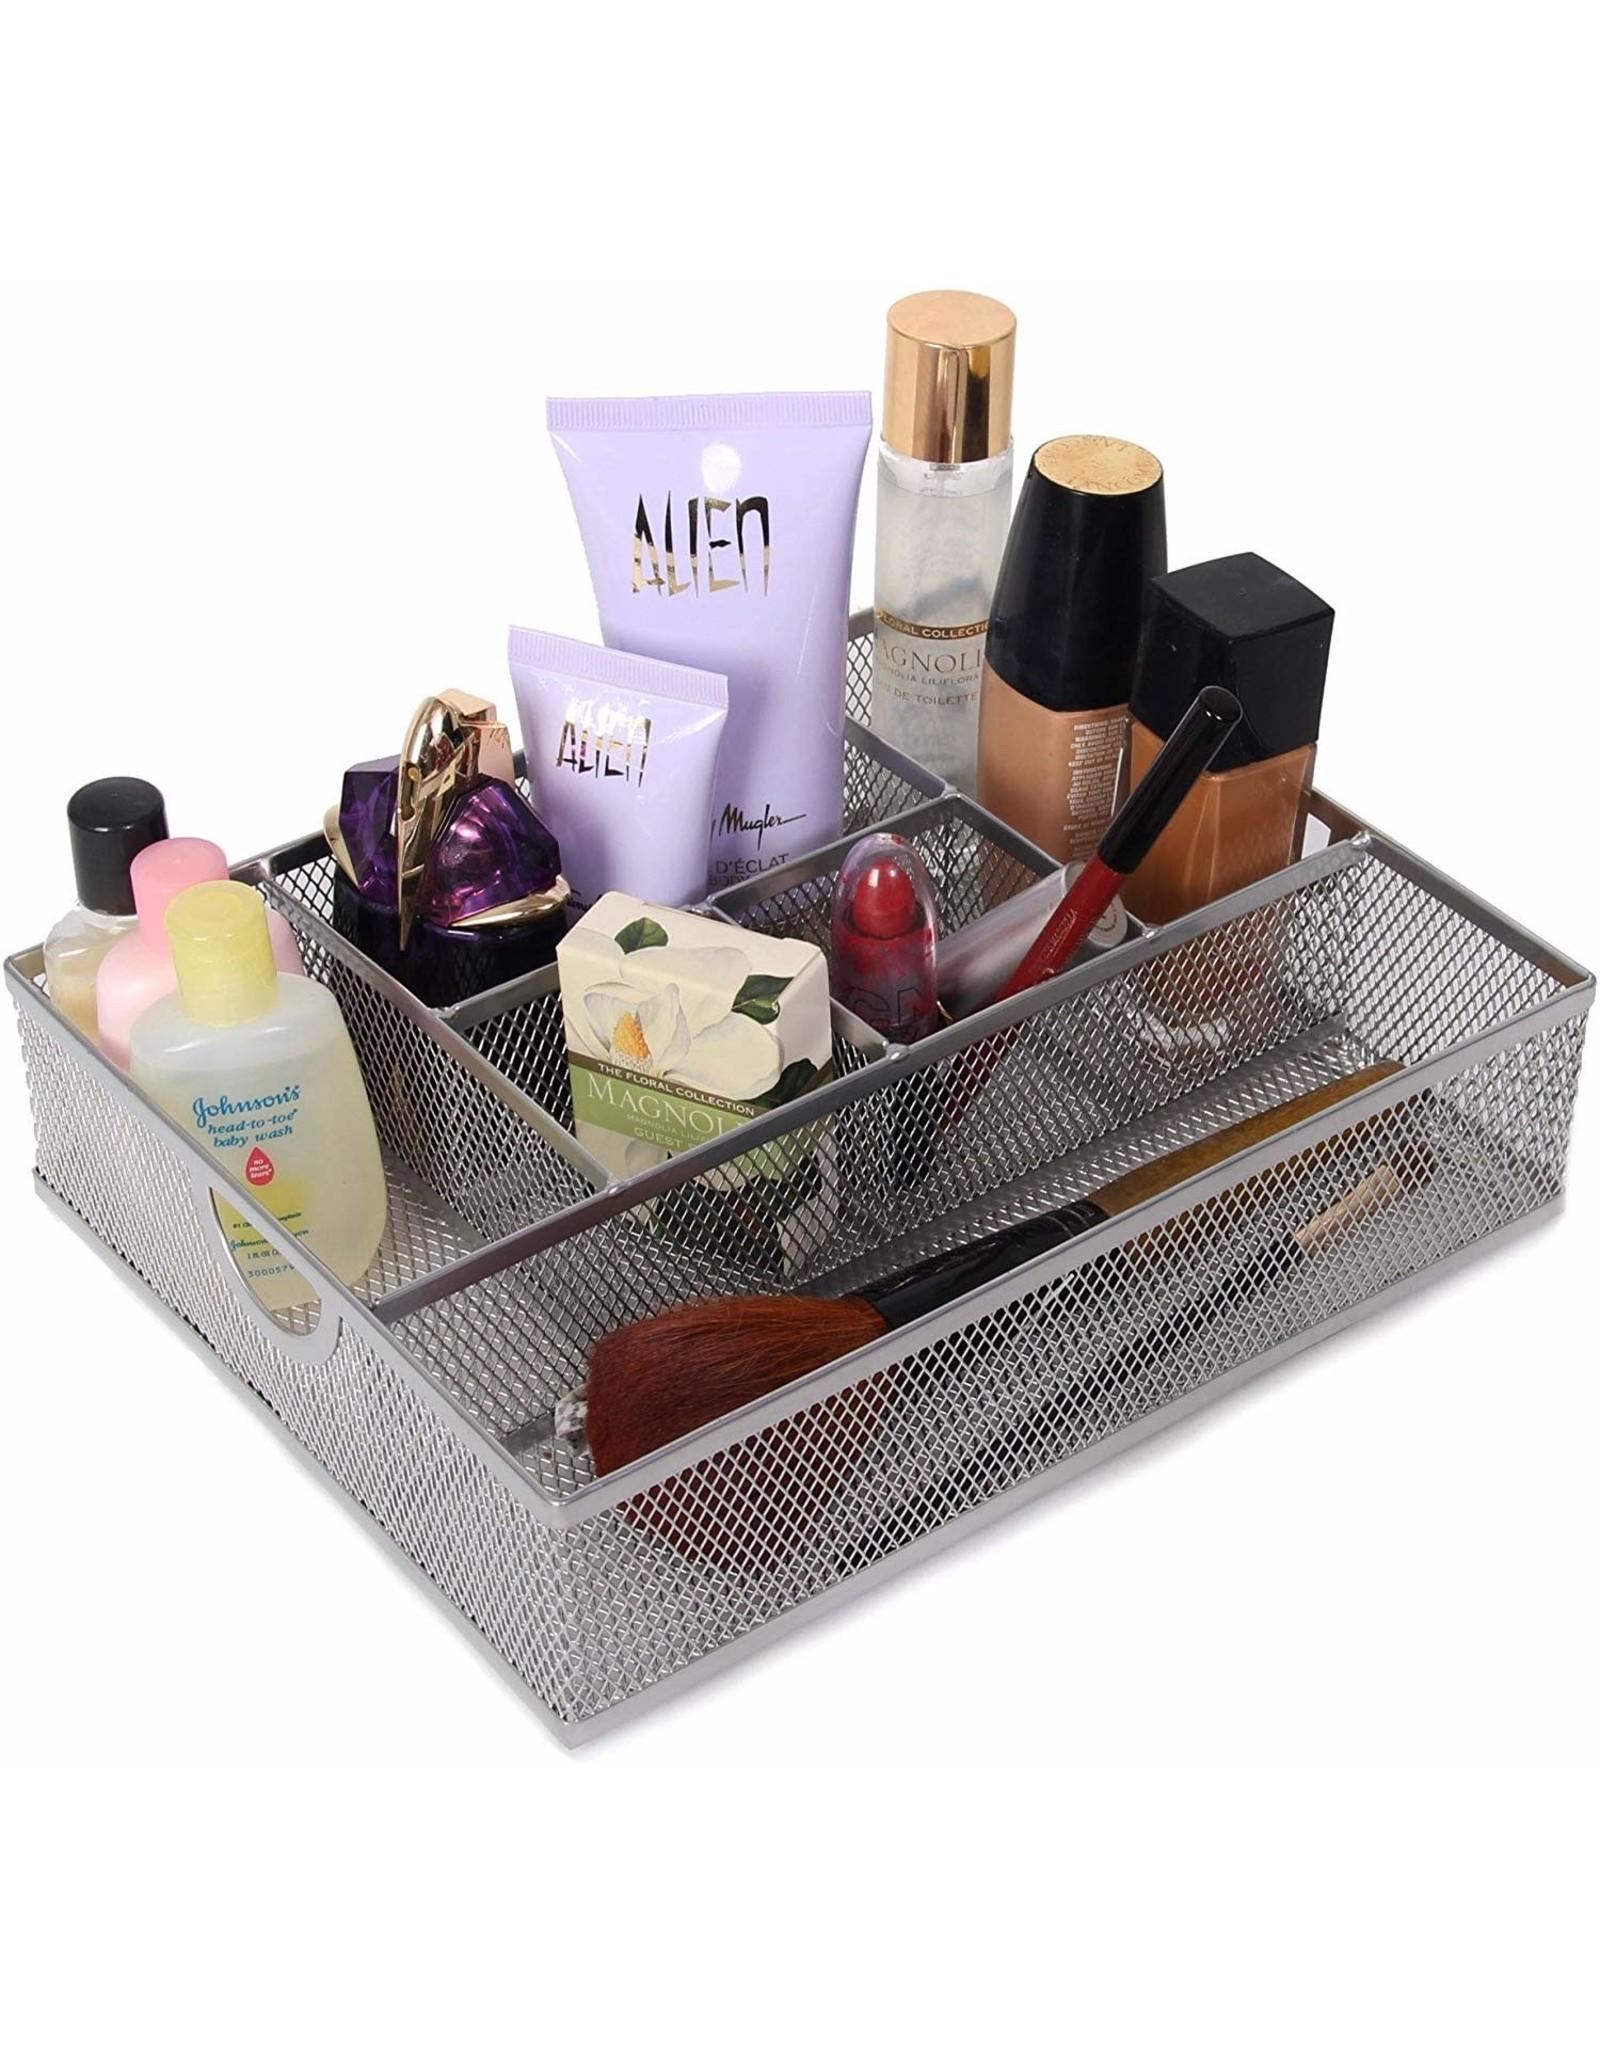 Vanity Organizing Tray